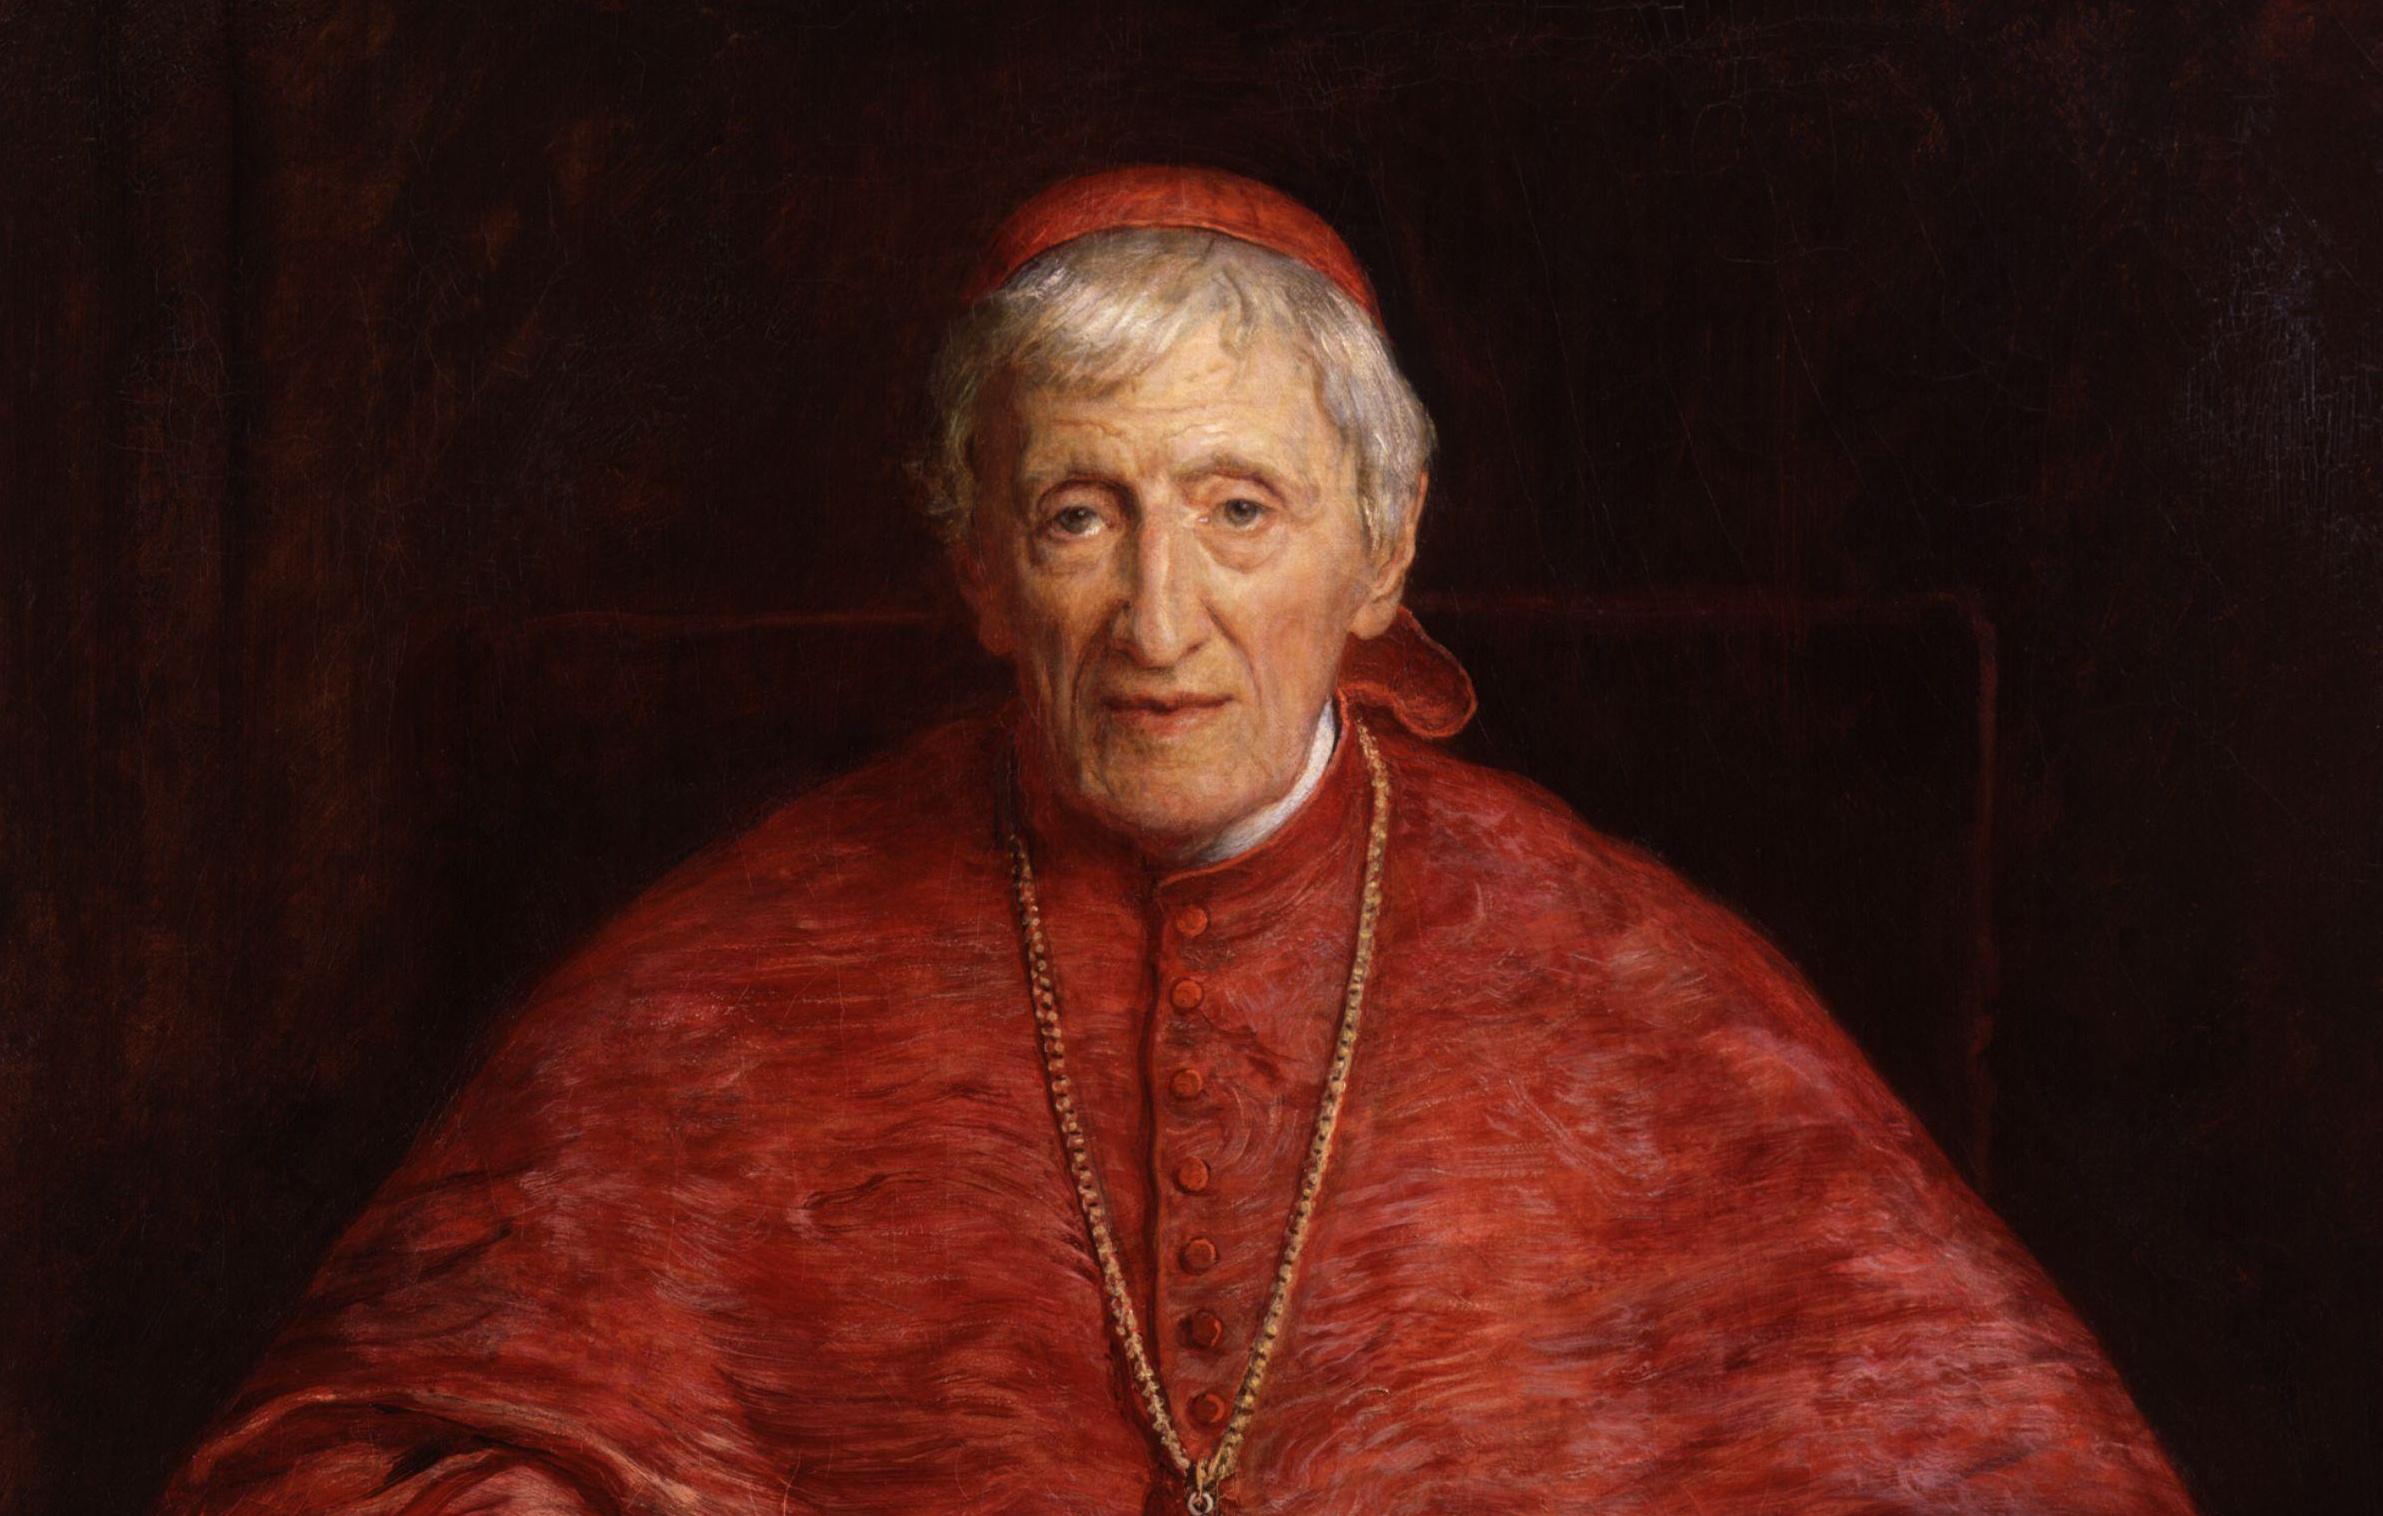 Cardinal John Henry Newman by Sir John Everett Millais